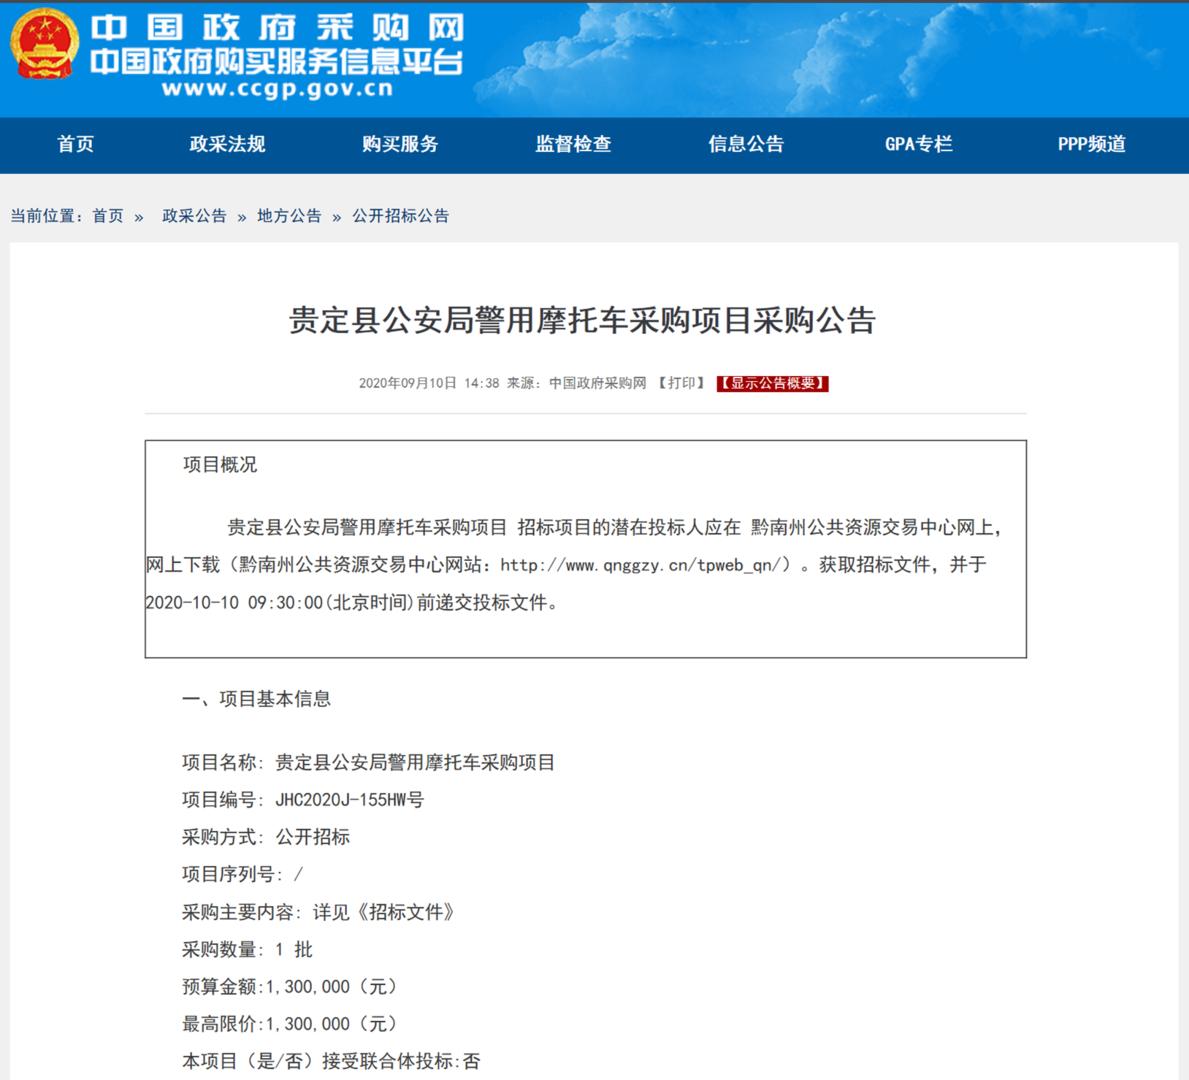 ▲相干采购通告。截图自中国当局采购网